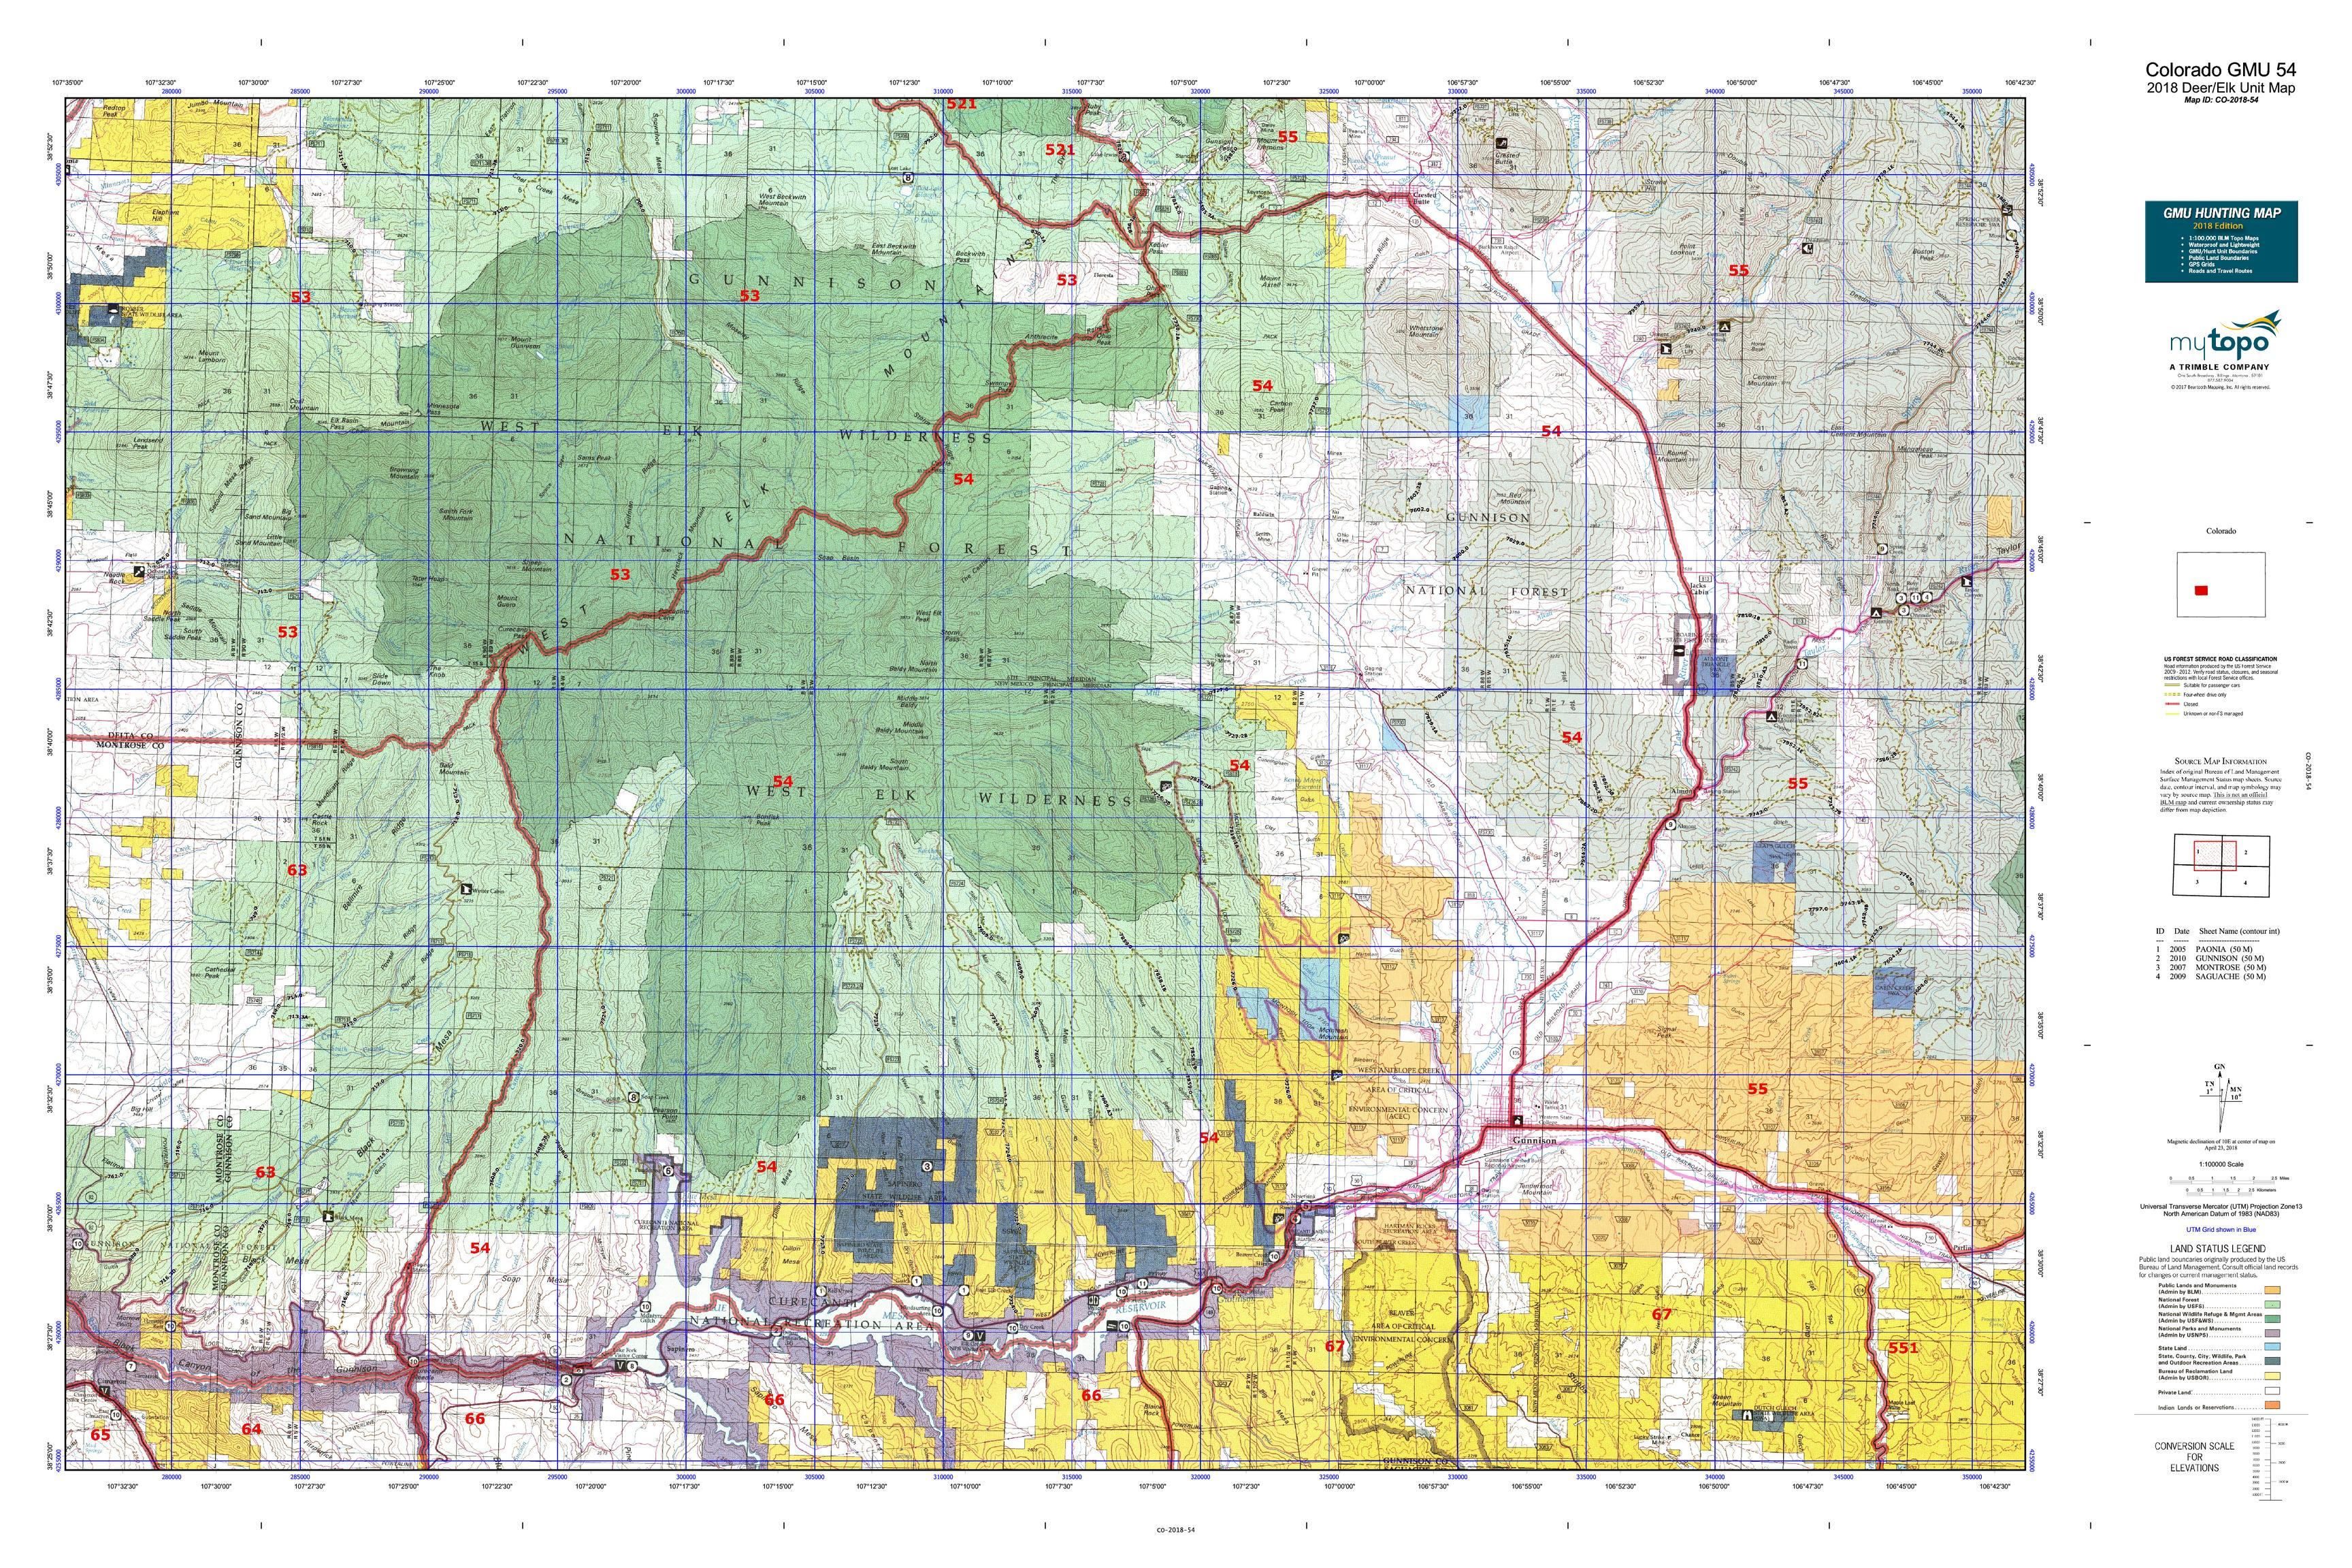 Colorado Gmu Map Colorado GMU 54 Map | MyTopo Colorado Gmu Map